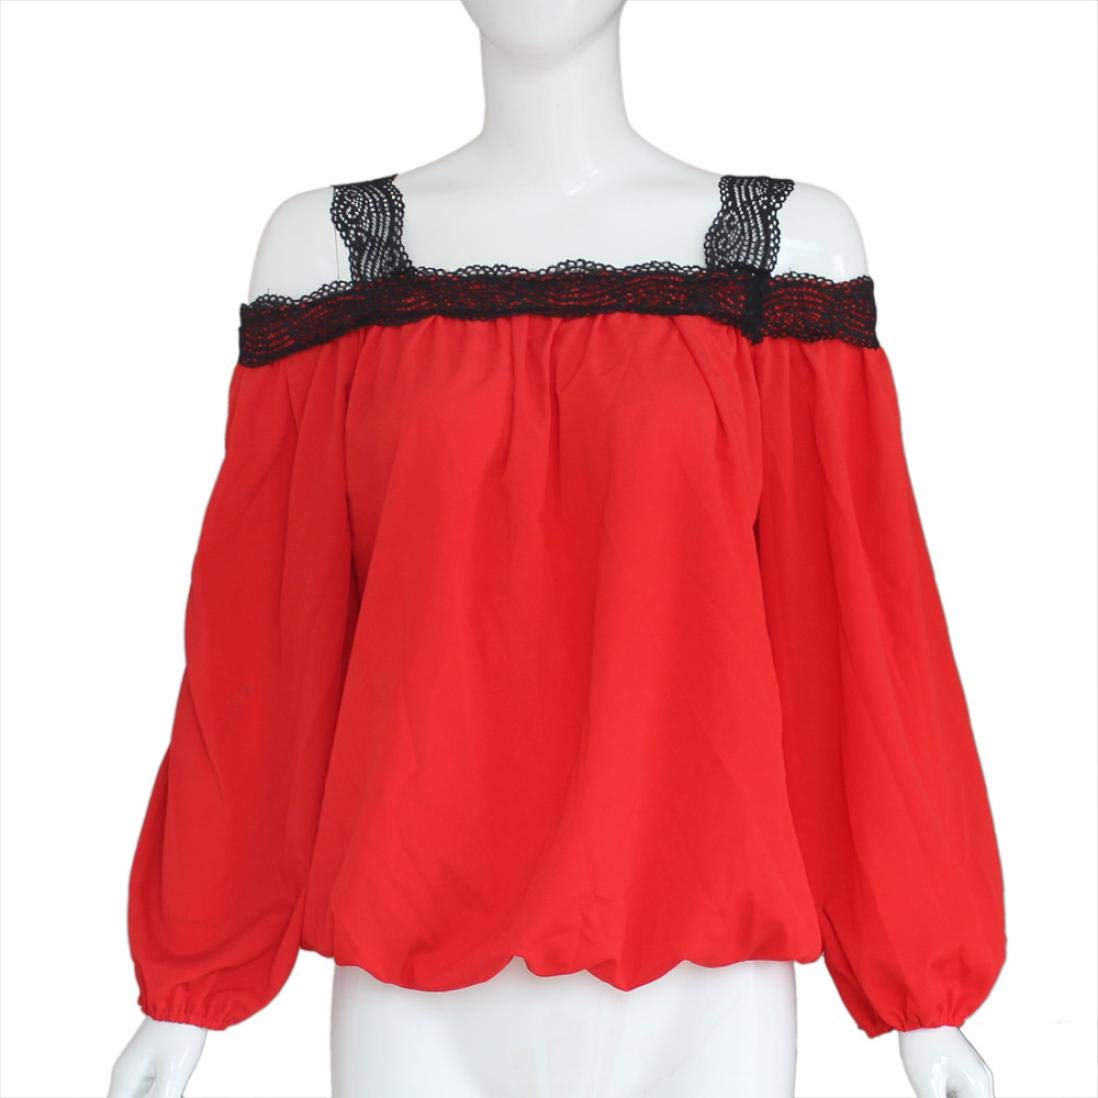 Bestow Top con Paneles de Encaje Mujer Sexy Off Shoulder Camisa de Manga Larga Blusa de Gasa de Encaje Loose Top Camiseta: Amazon.es: Ropa y accesorios